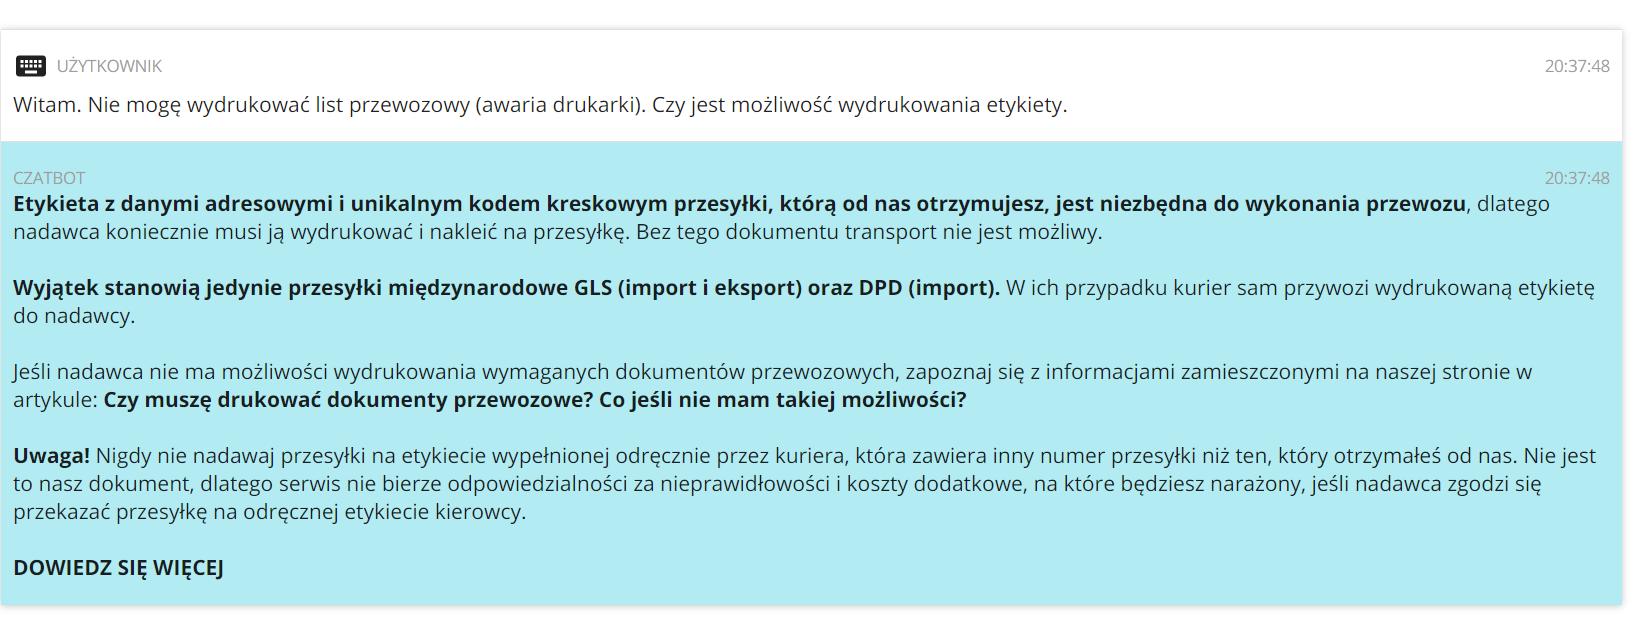 Jak uzyskać informacje o drukowaniu etykiet przez czatbota na Furgonetka.pl?